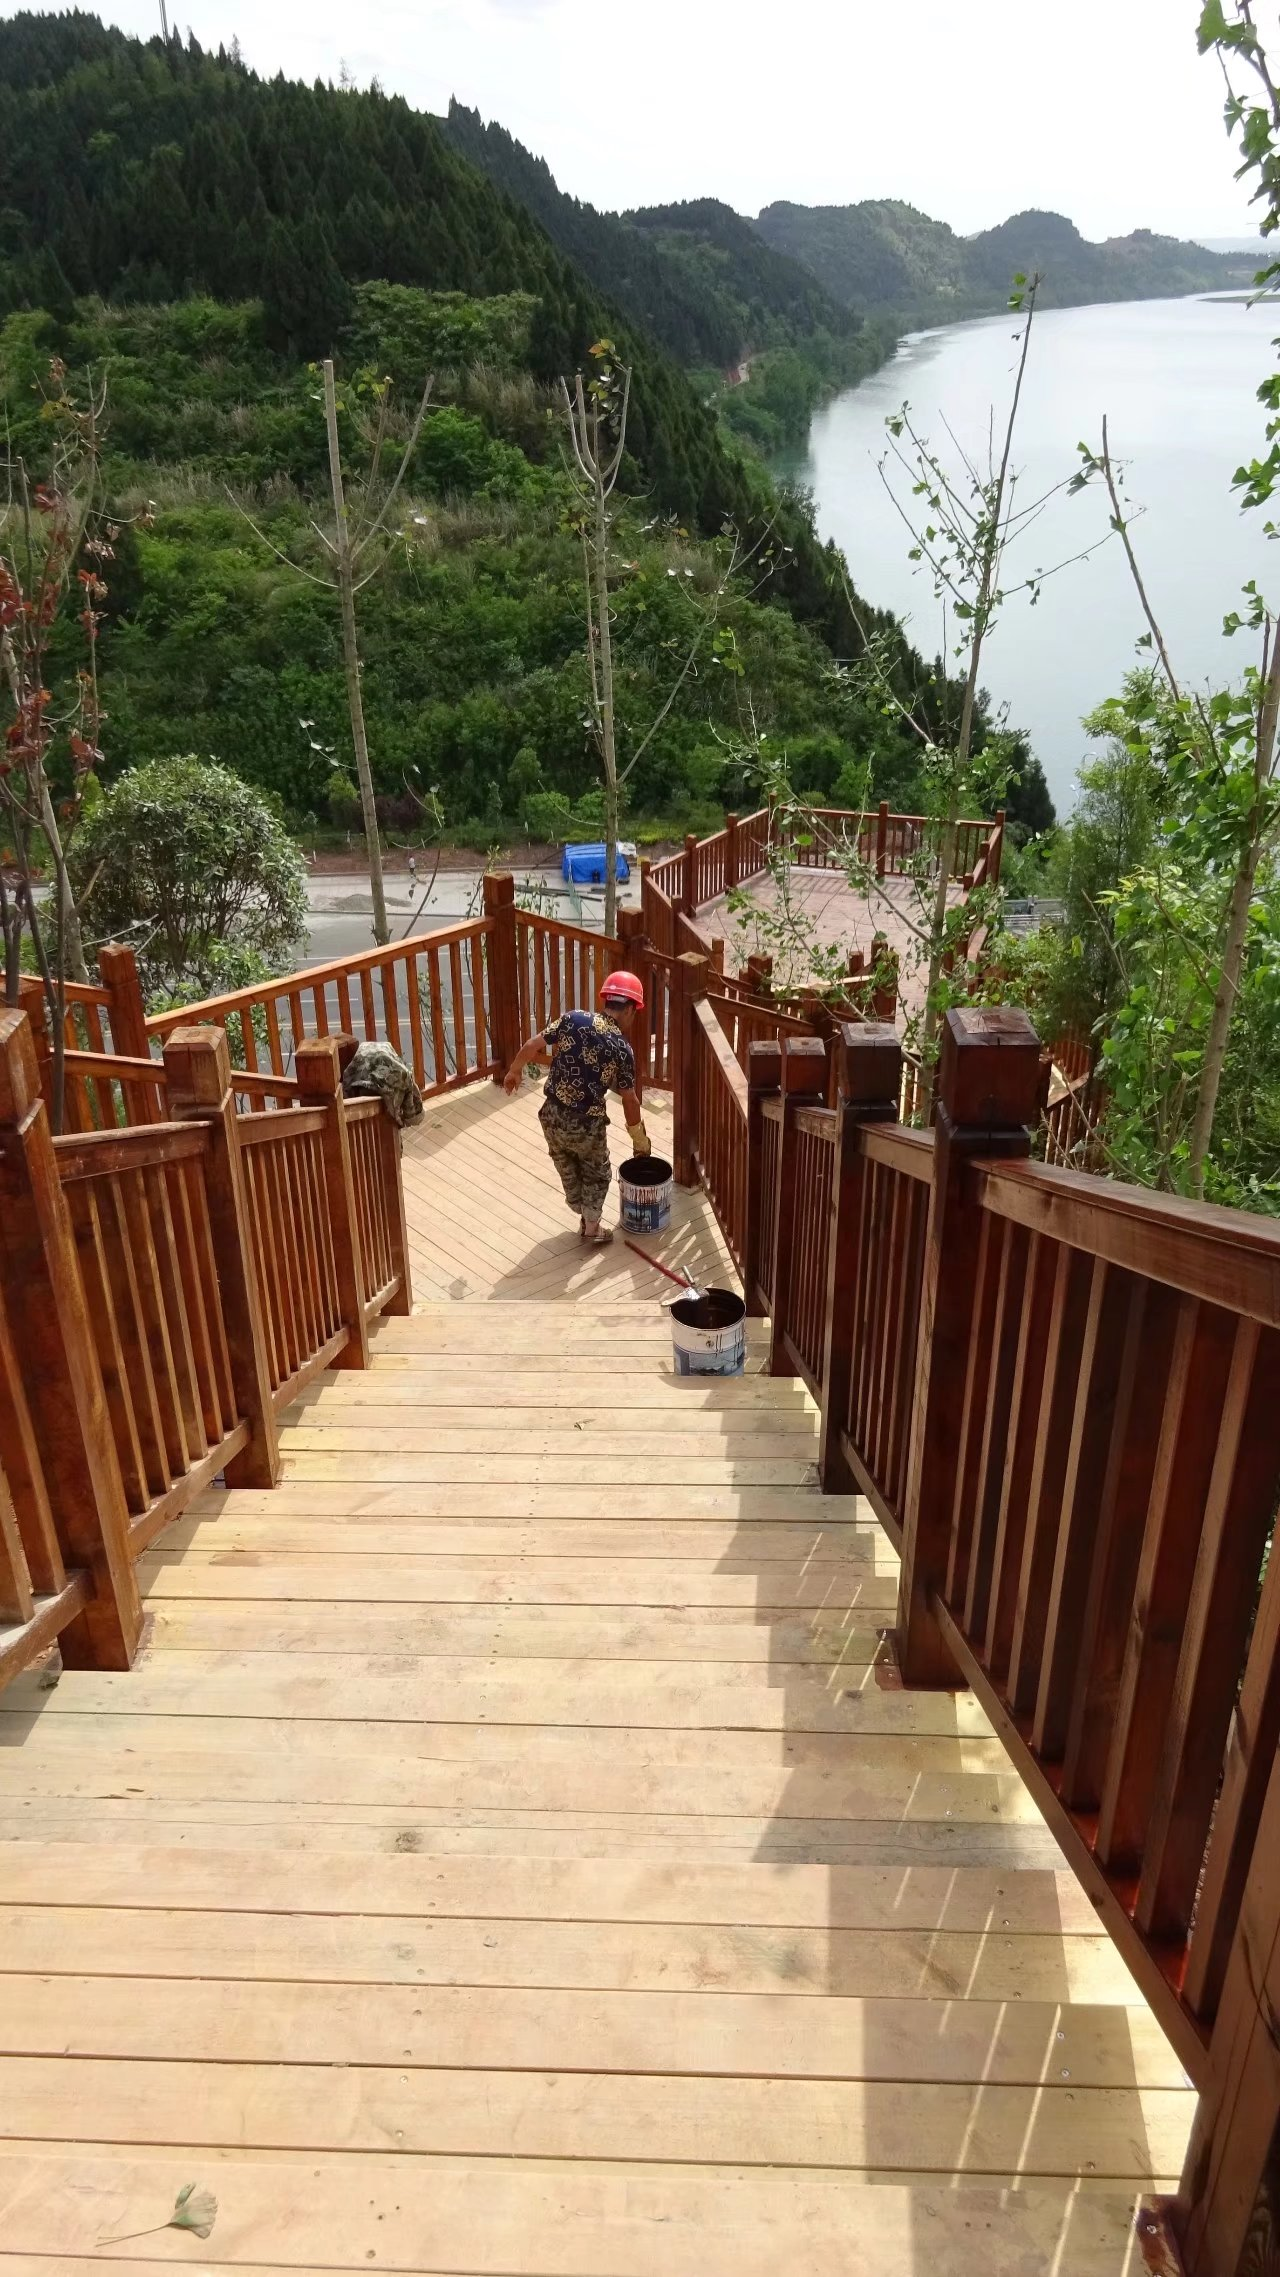 蓬安桑梓火锅公园施工进度(2018-05-10) - 第31张    蓬安在线